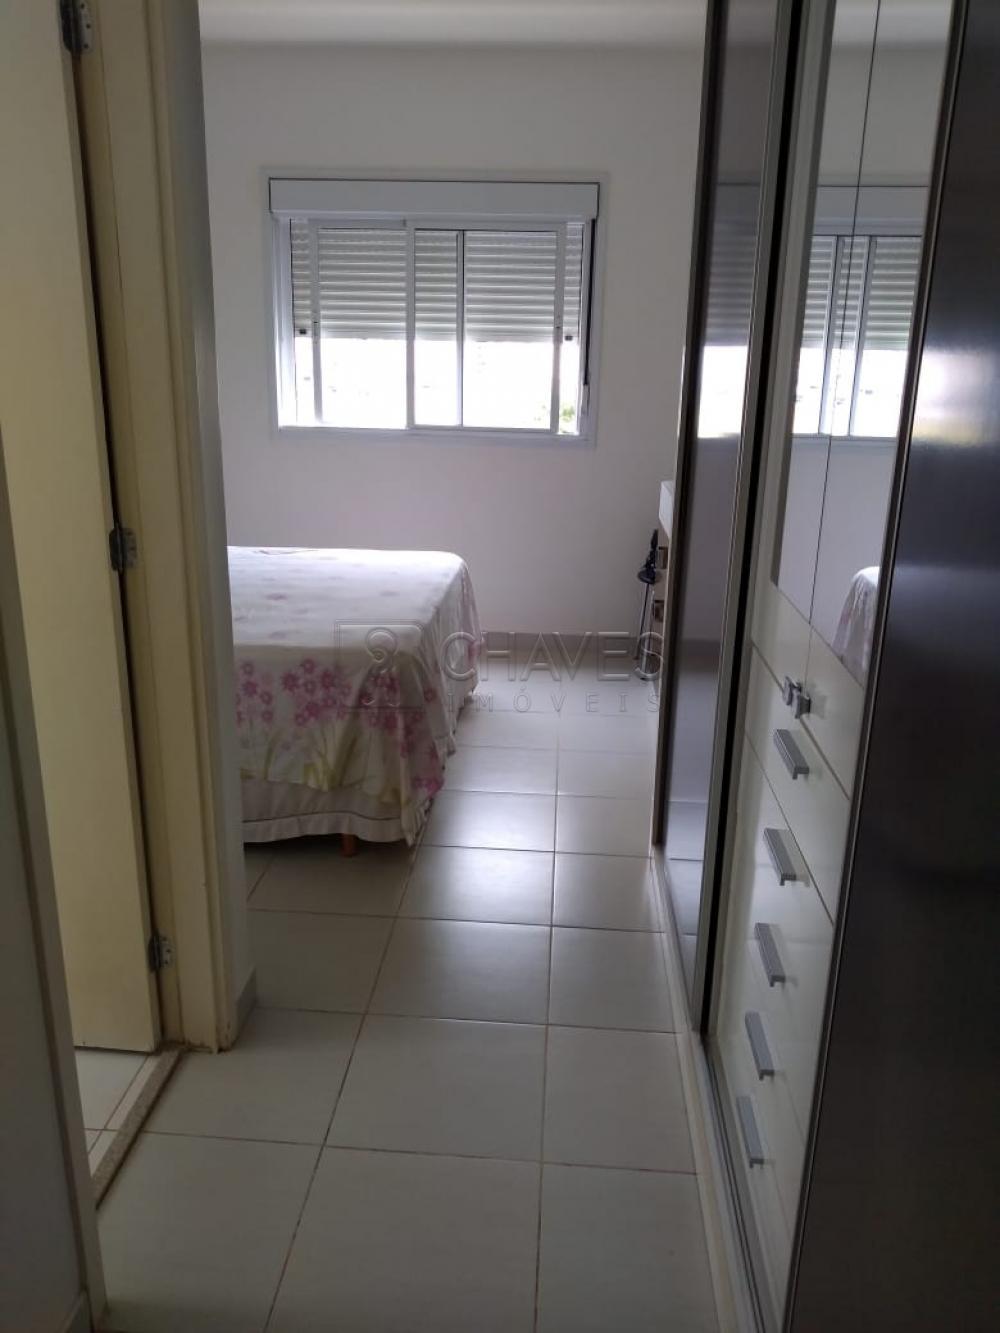 Comprar Apartamento / Padrão em Ribeirão Preto apenas R$ 780.000,00 - Foto 7